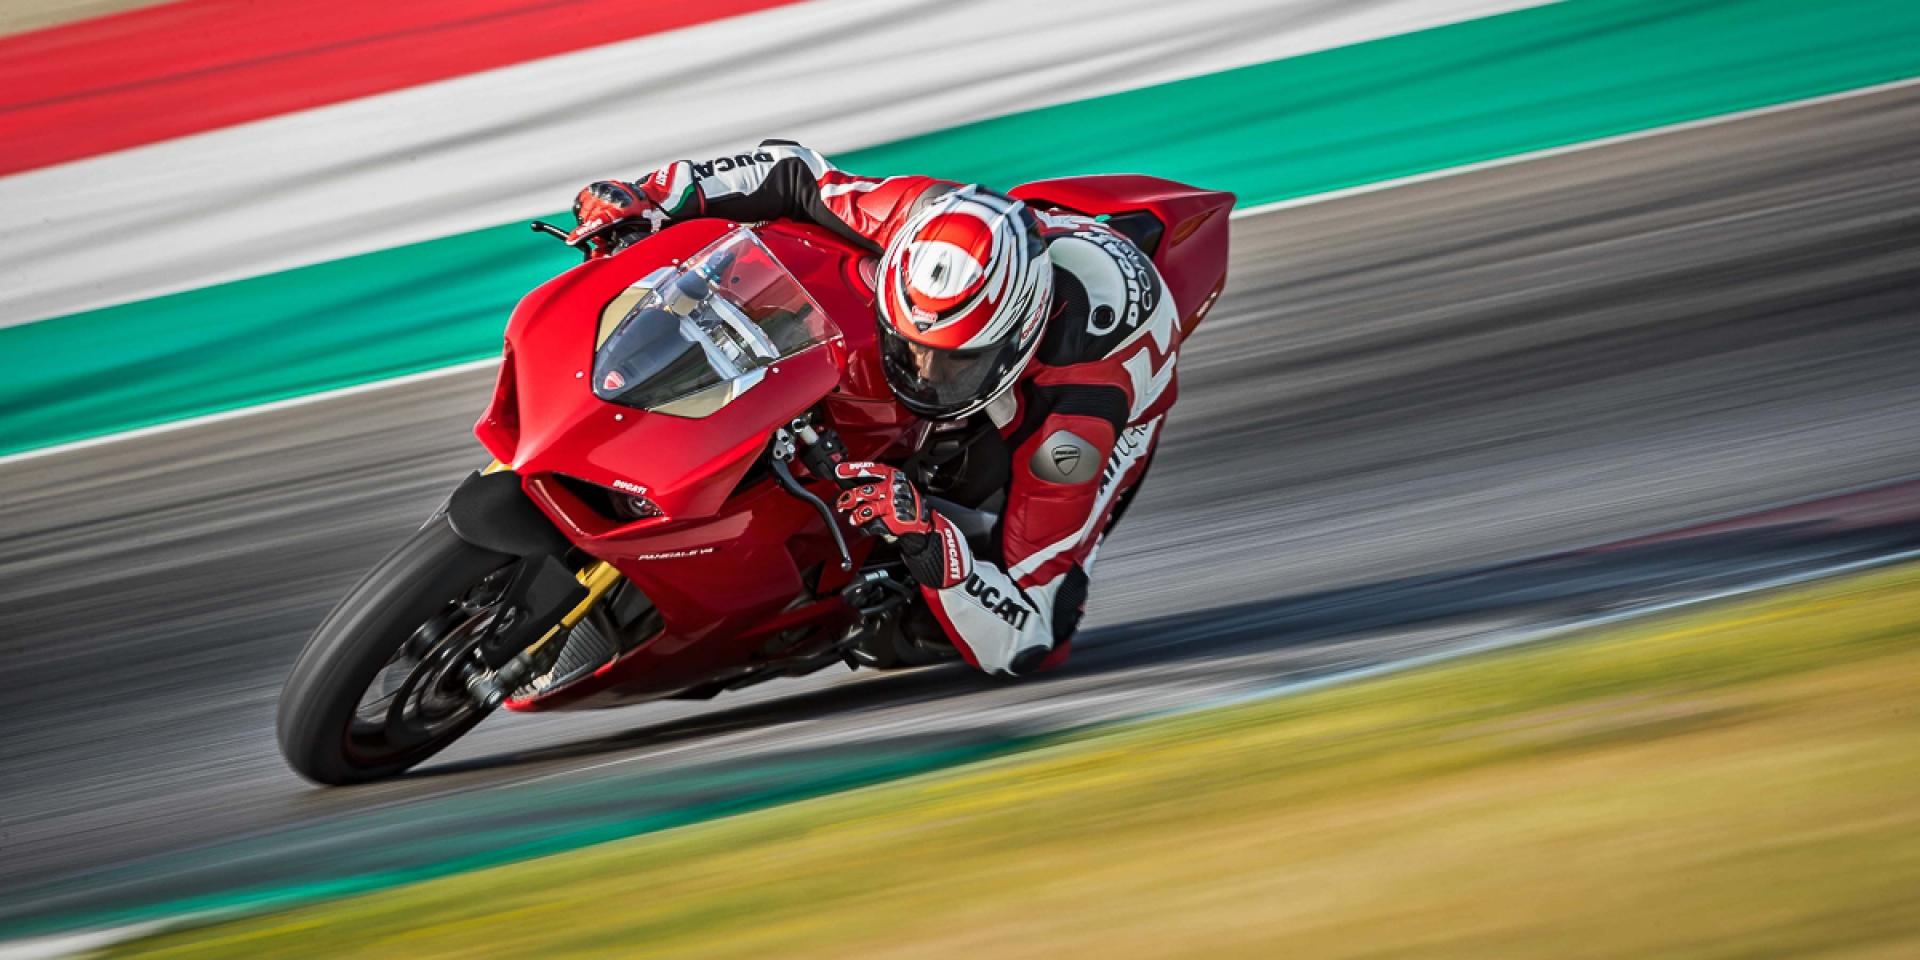 重機迷的玩樂天堂,Ducati將在2019開設主題樂園「Ducati World」